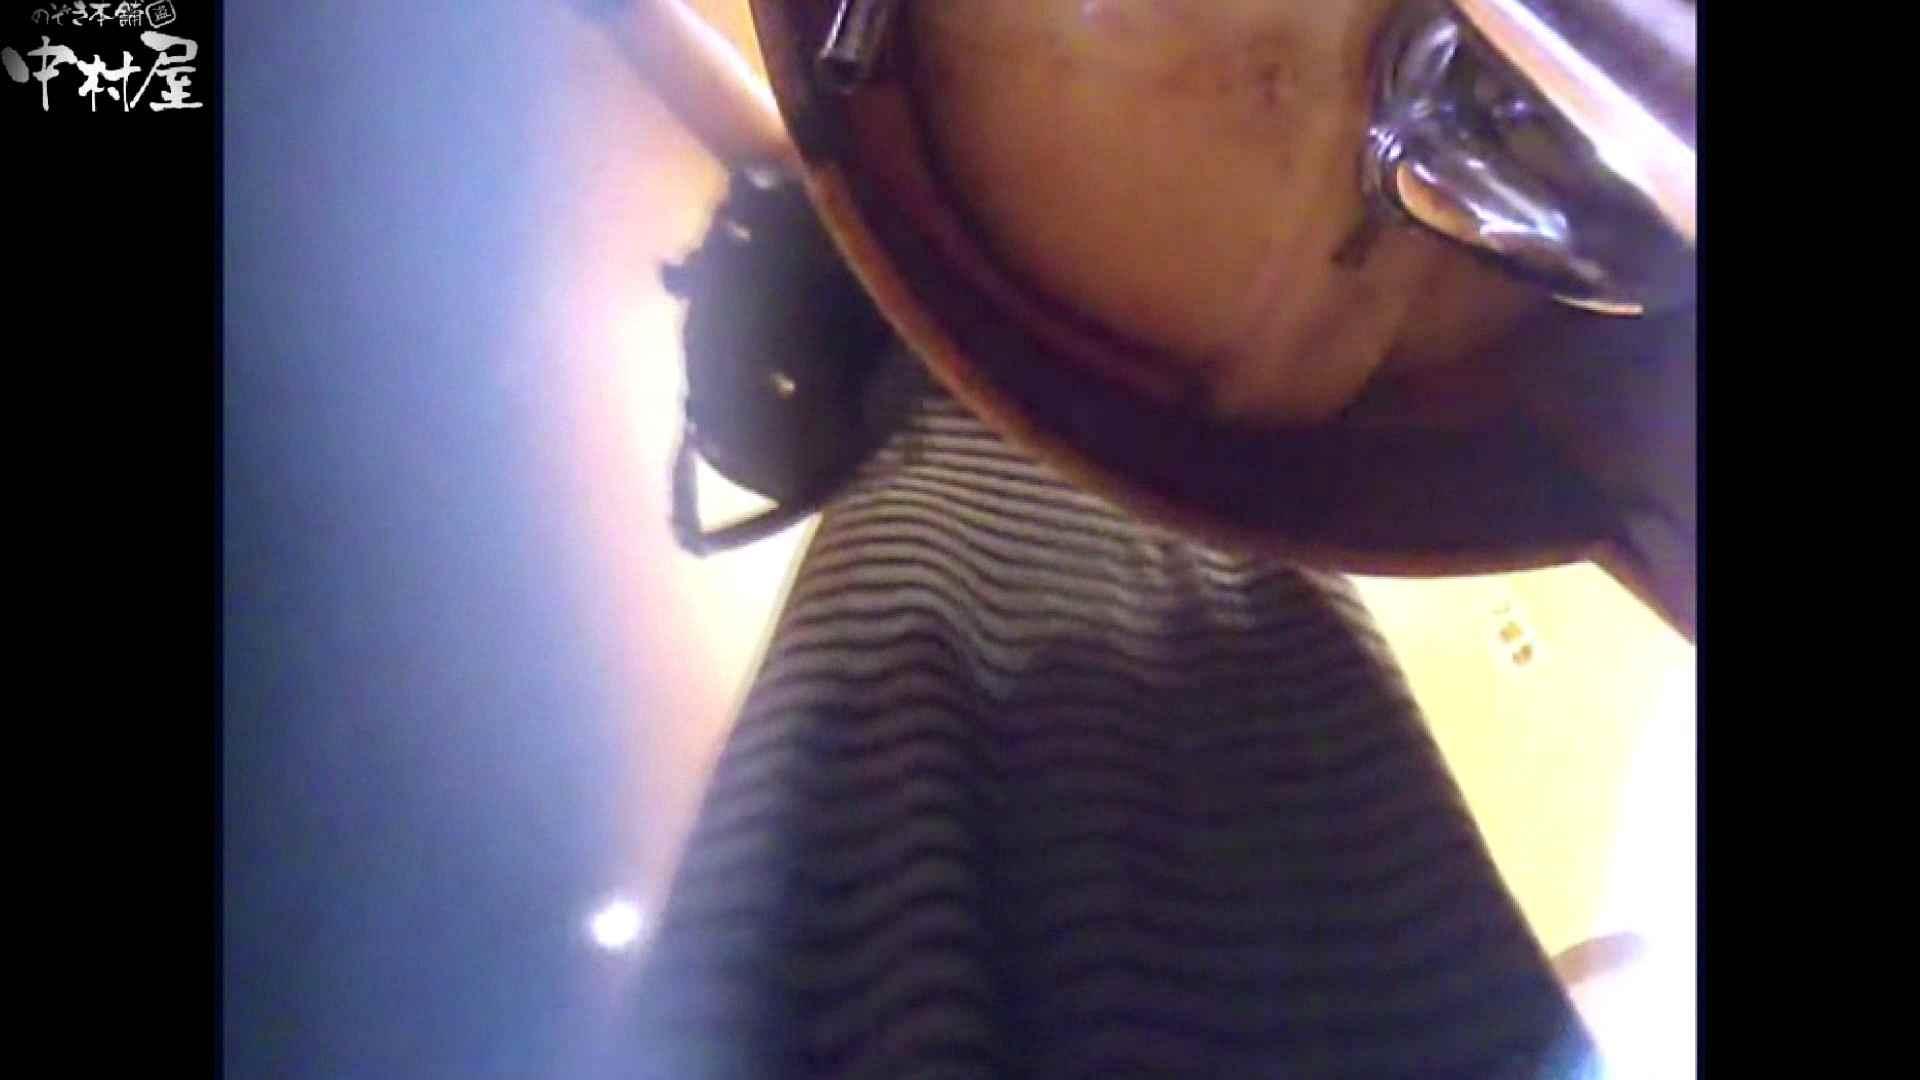 突撃!女子化粧室の真実vol.43前編 OLエロ画像 盗撮アダルト動画キャプチャ 88PICs 8